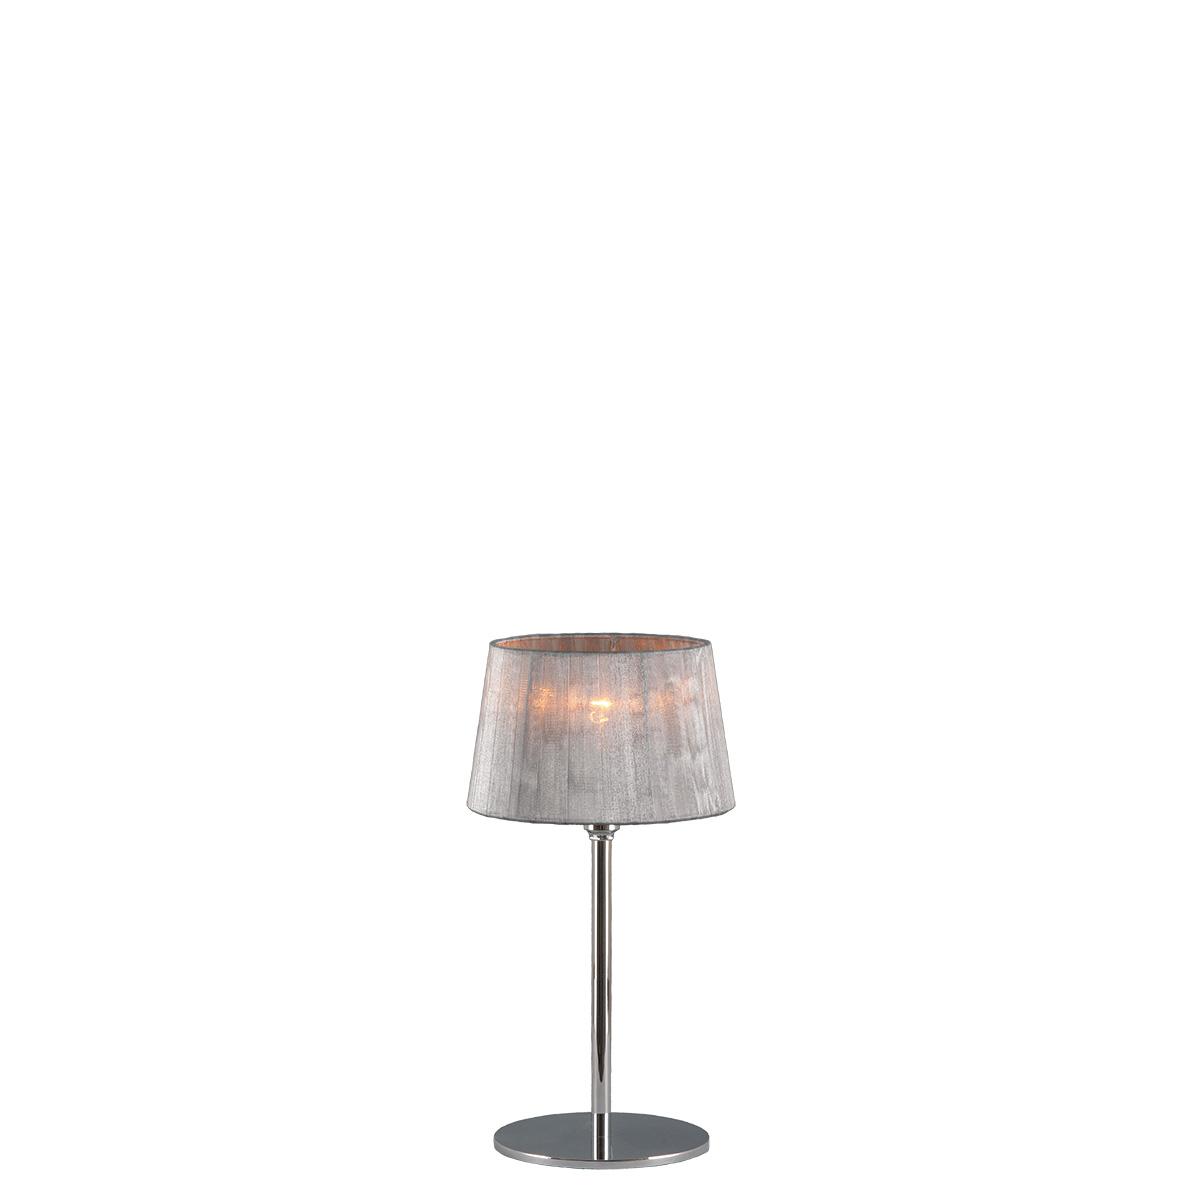 Μοντέρνο πορτατίφ κοντό ΟΡΓΑΝΤΖΑ modern table lamp small